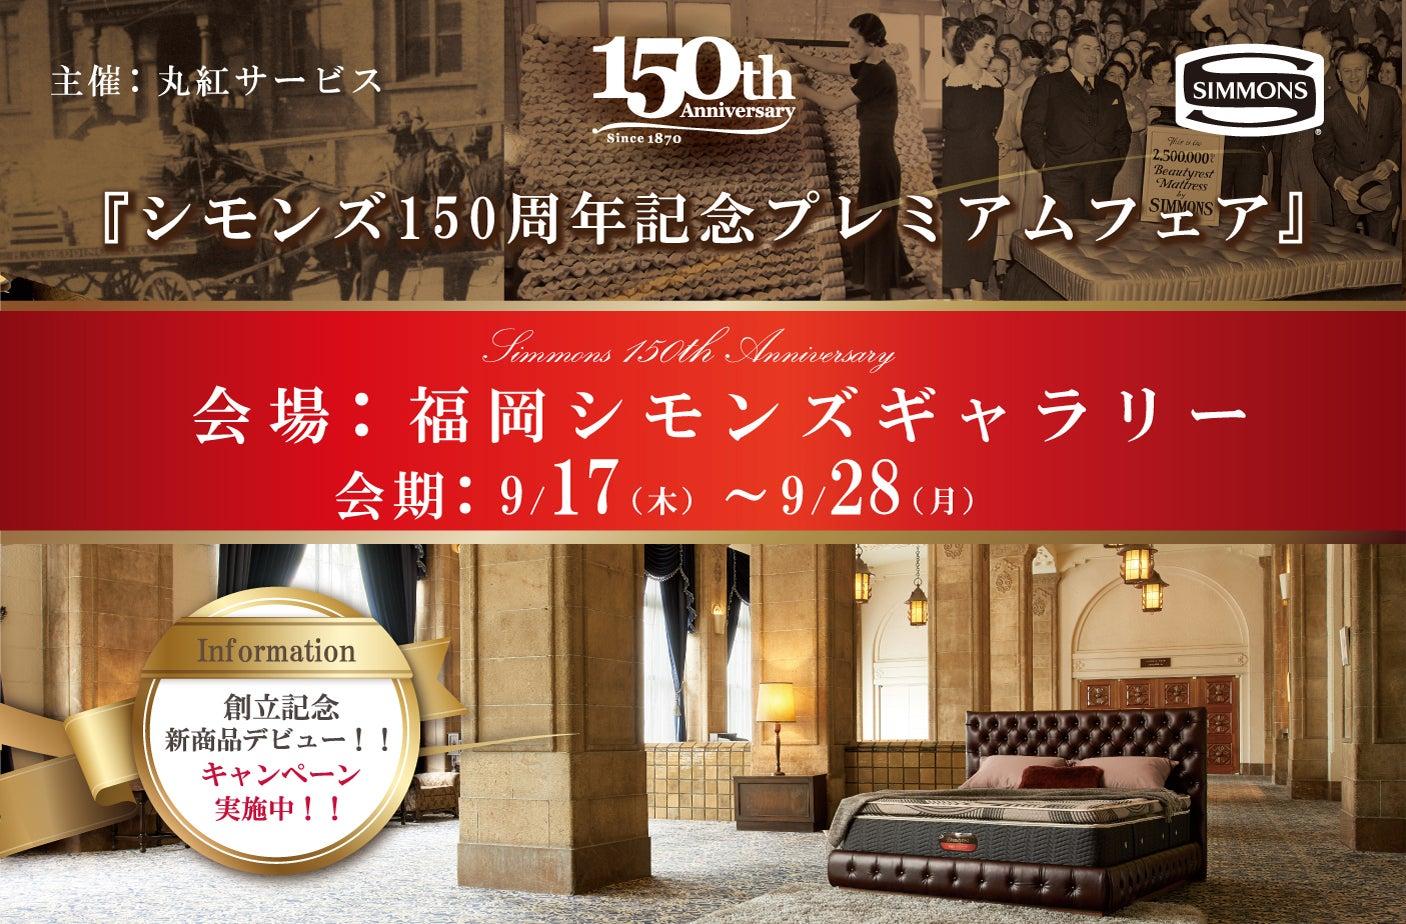 『シモンズ150周年記念プレミアムフェア』